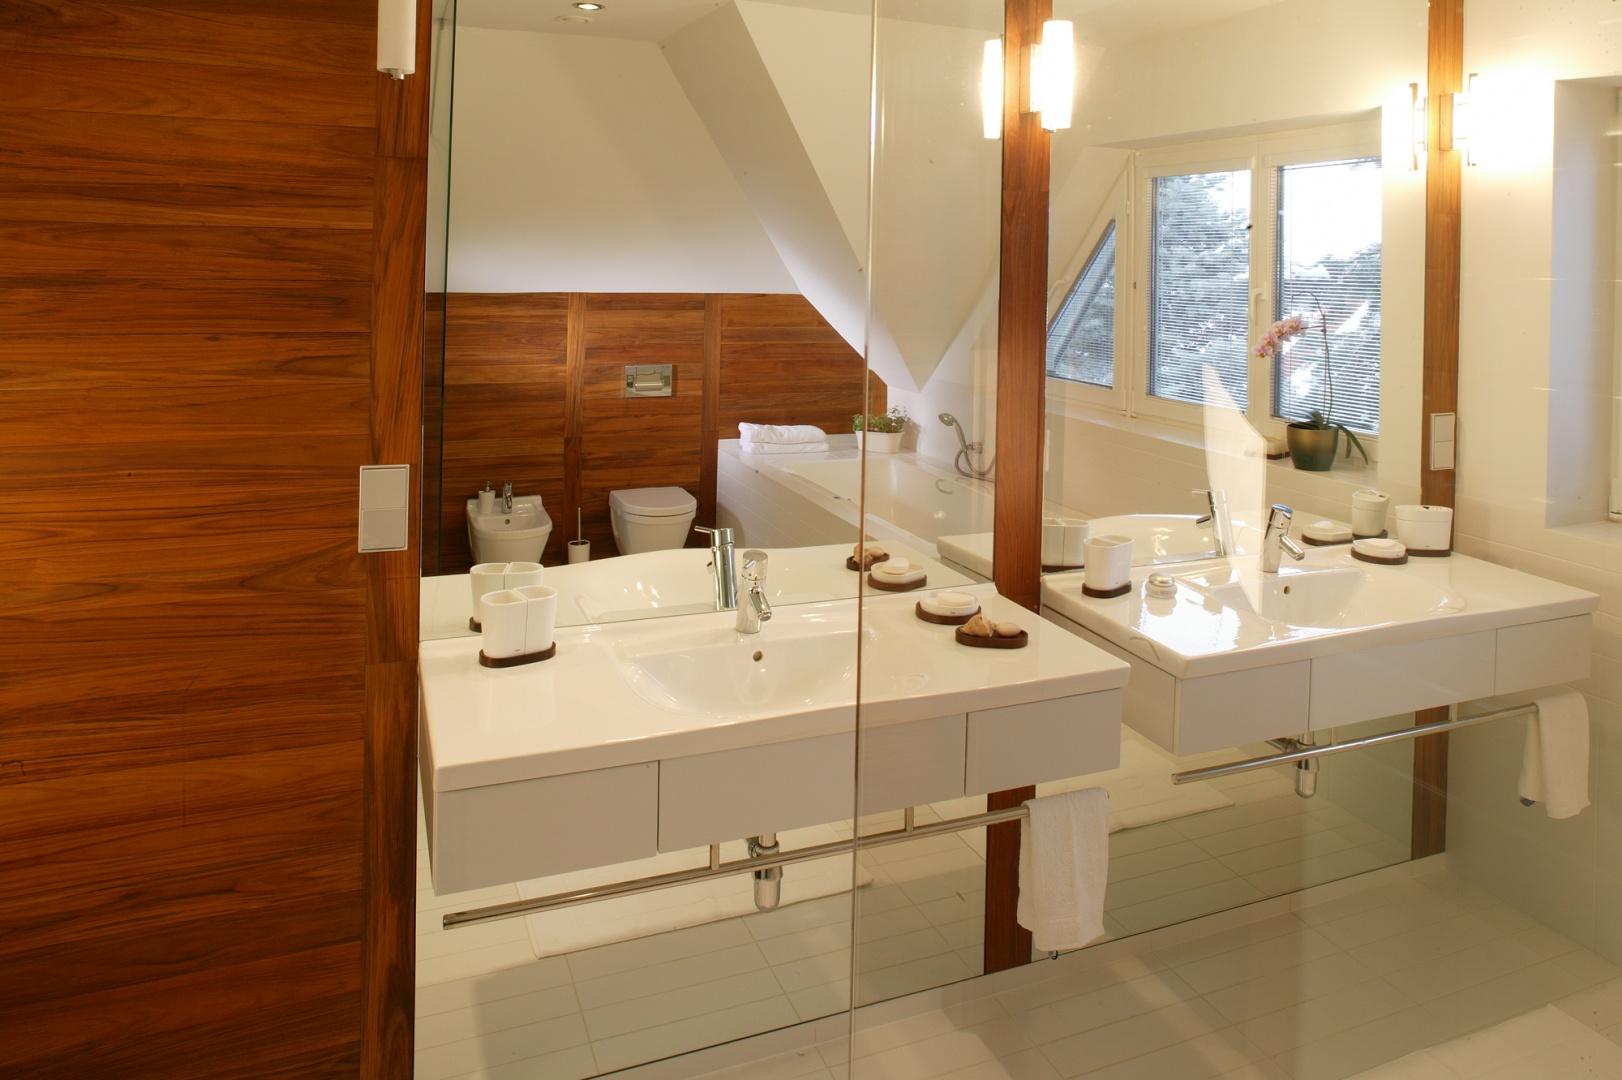 Dwie geometryczne umywalki doskonale wpisują się w minimalistyczną formę wnętrza. Umieszczono je na tafli lustra i wyposażono w relingi ze stali nierdzewnej, do zawieszania ręczników. Fot. Marcin Onufryjuk.